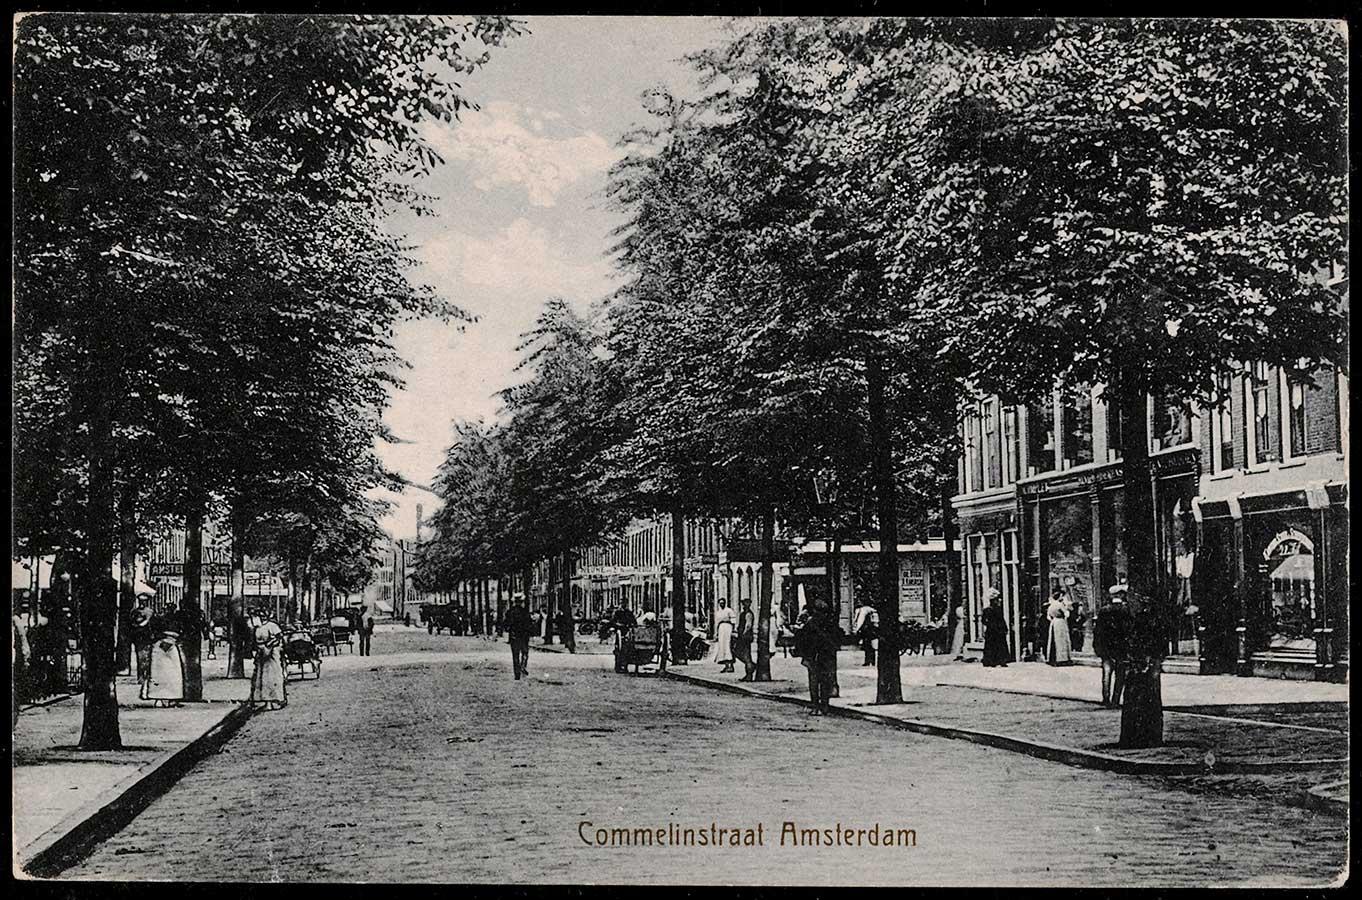 Oude foto van Commelinstraat waarop vooral voetgangers en de bomenpartijen te zien is